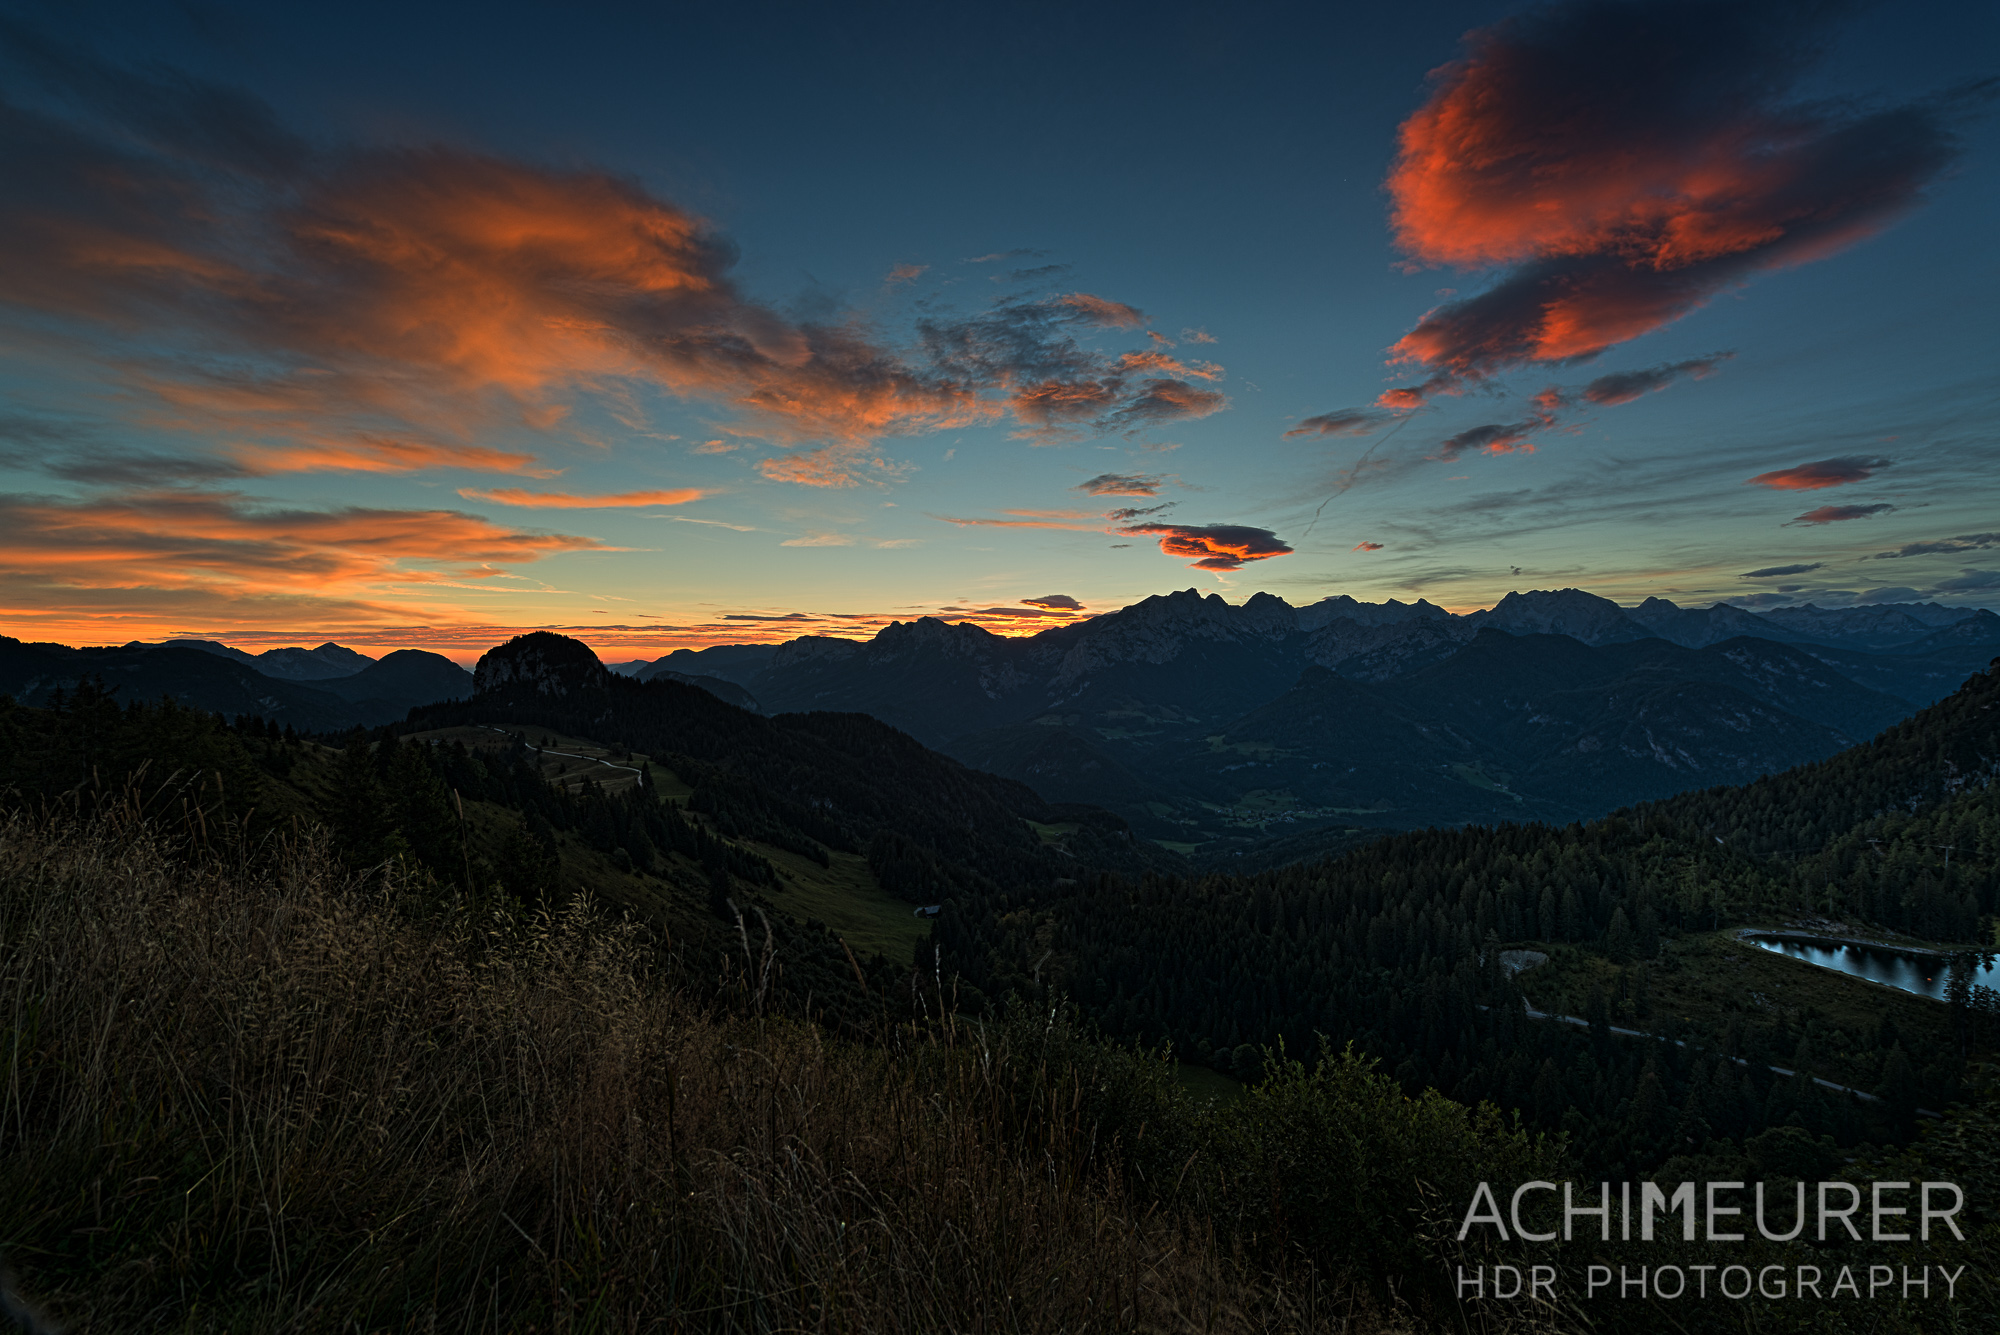 Sonnenaufgang auf der Loferer Alm im Saalachtal im Salzburgerland